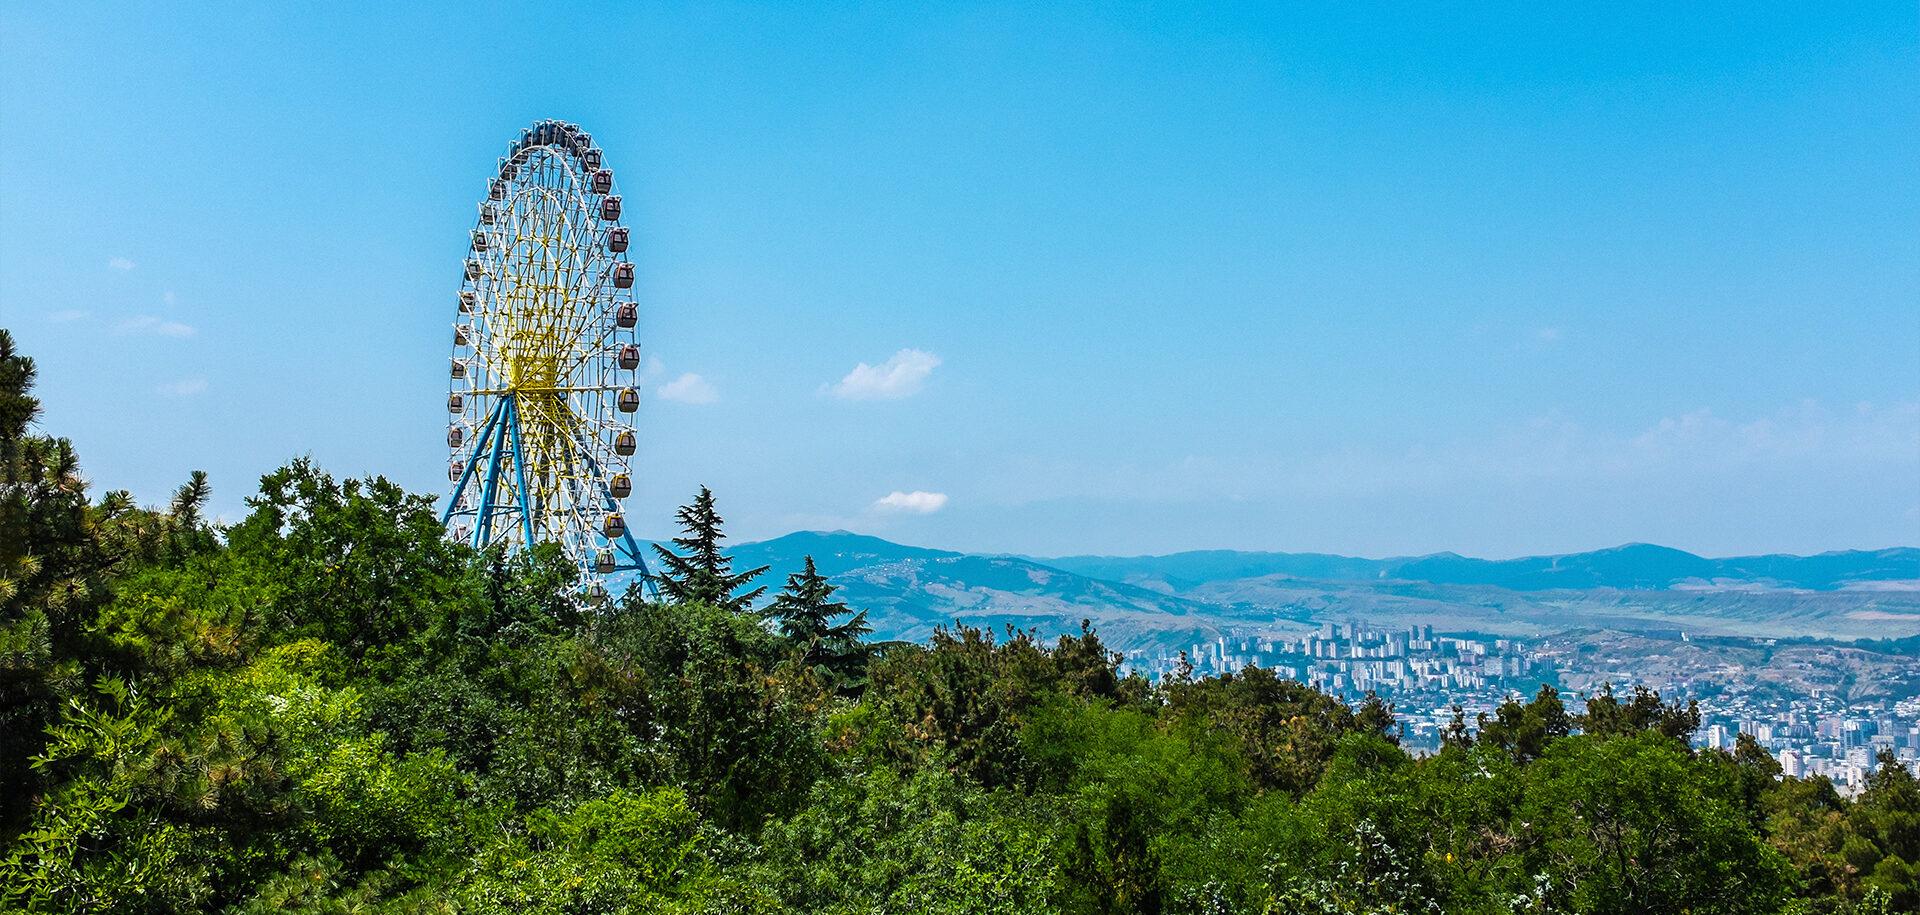 Ferris wheel in Mtatsminda Park in Tbilisi, Georgia.